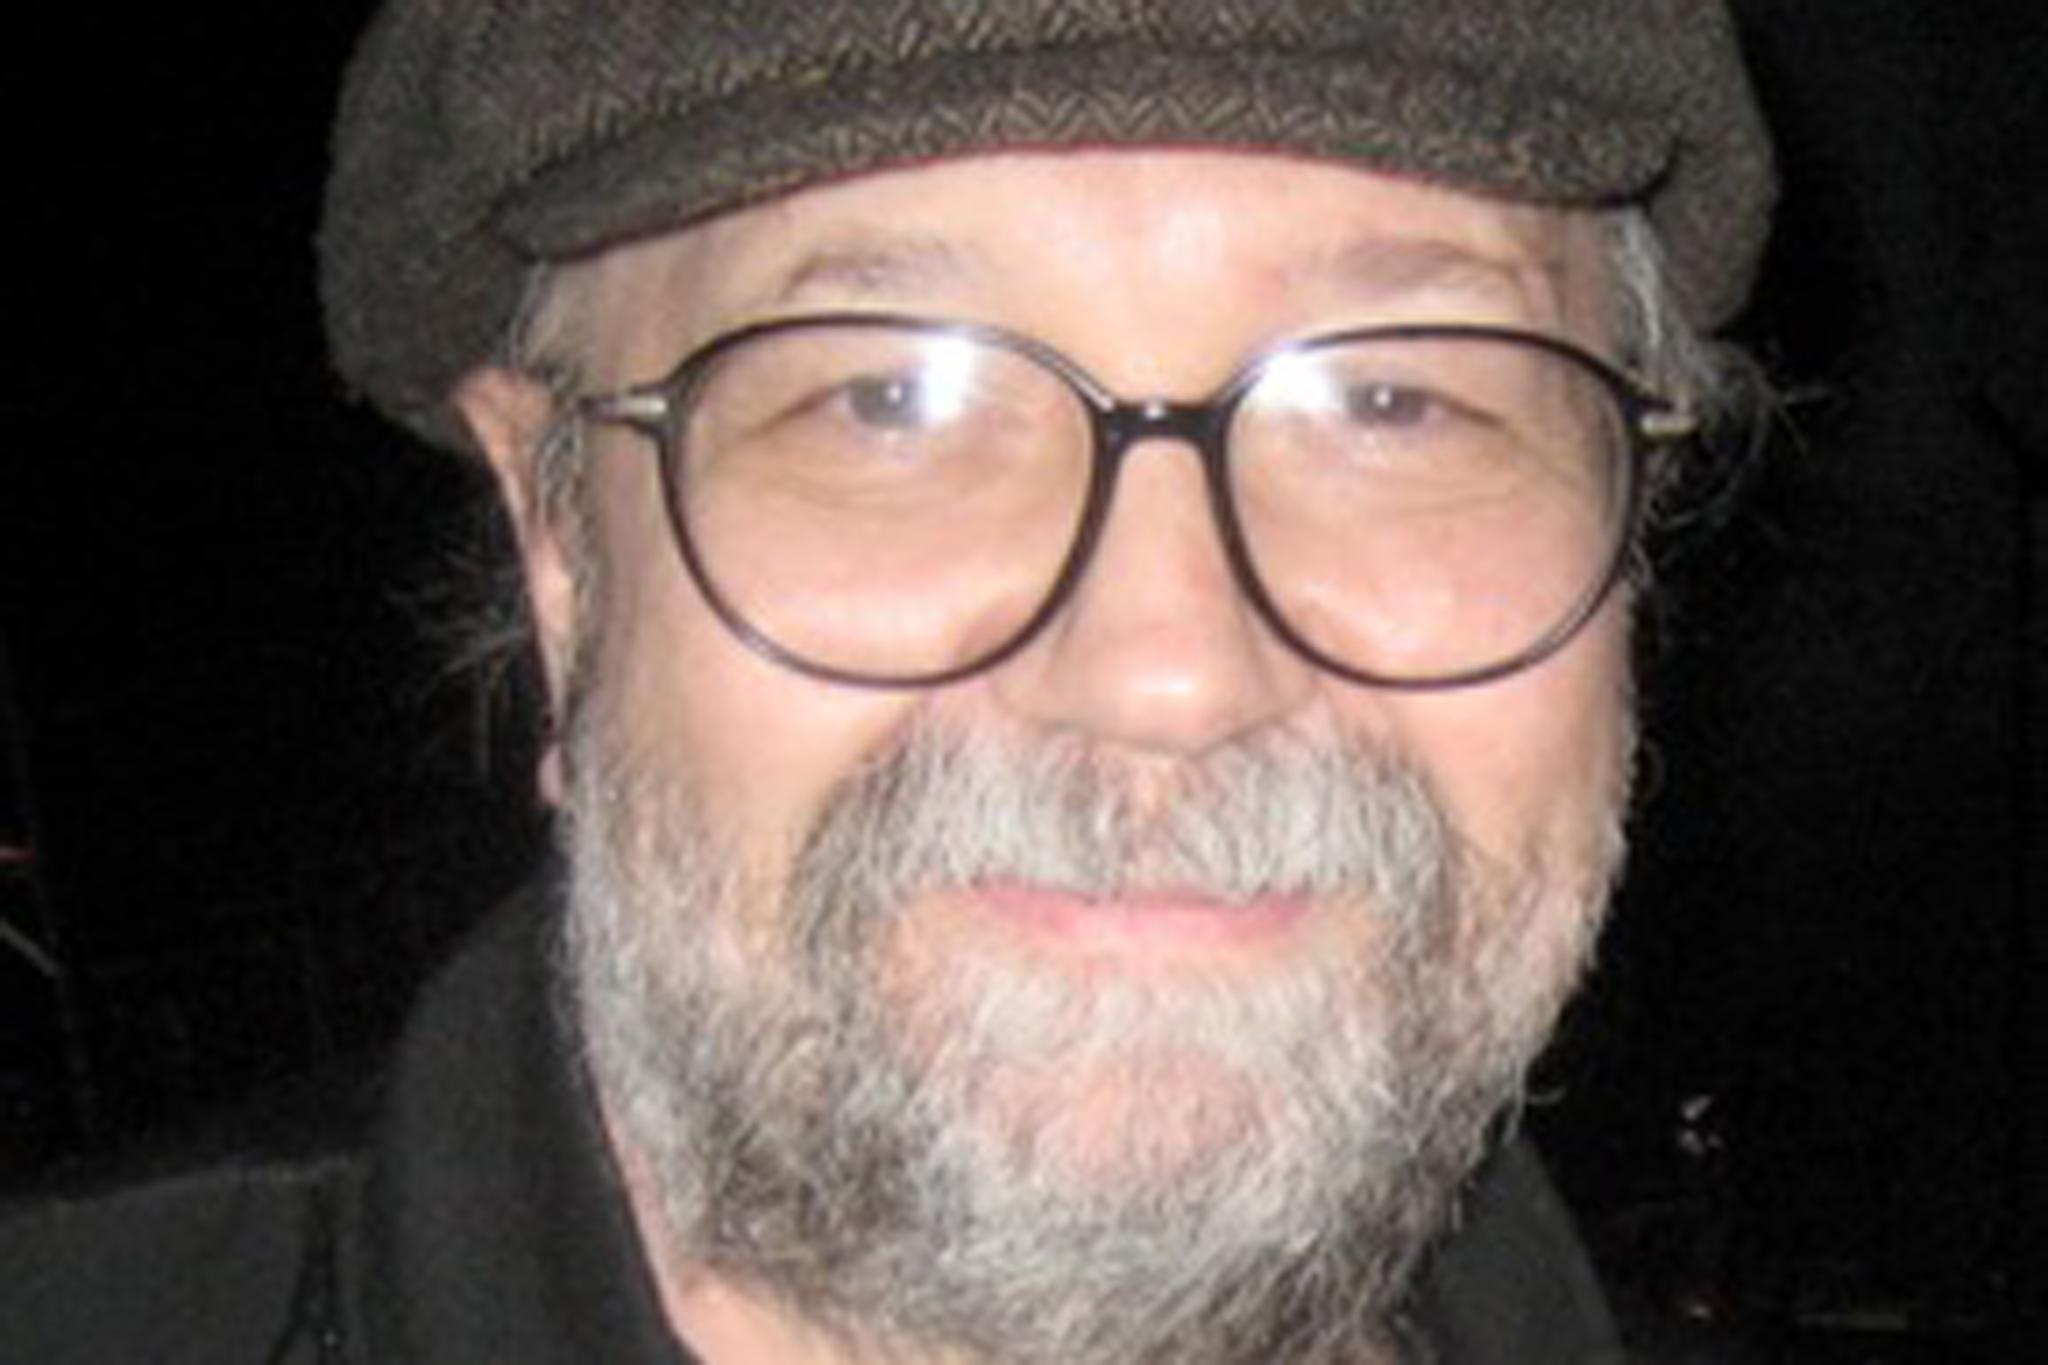 Frank Spitznagel